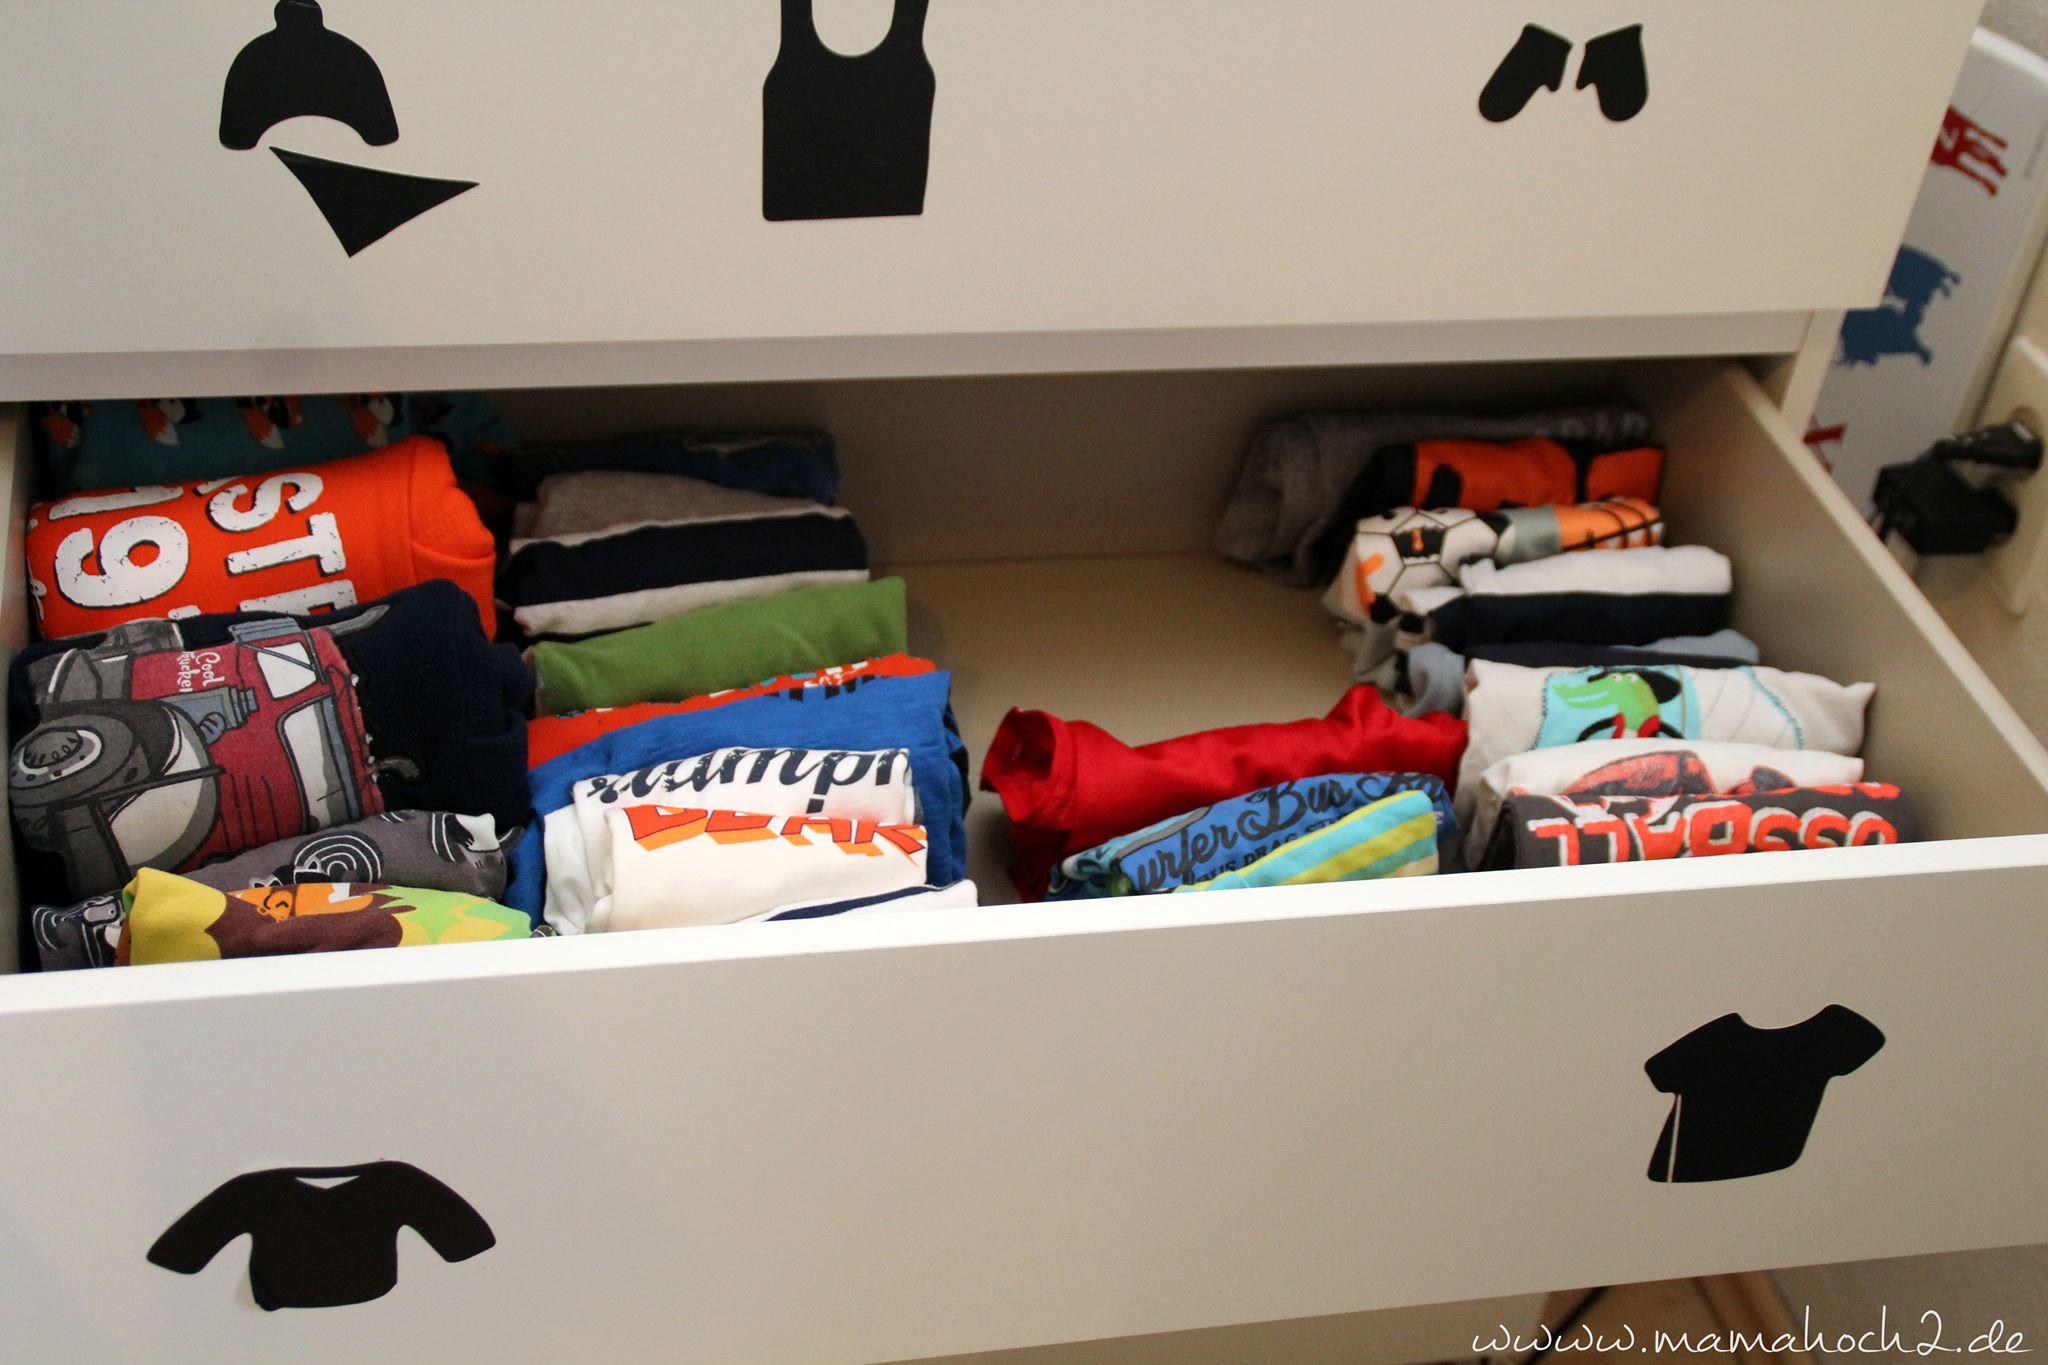 kleiderschrank ausmisten ordnung im kleiderschrank